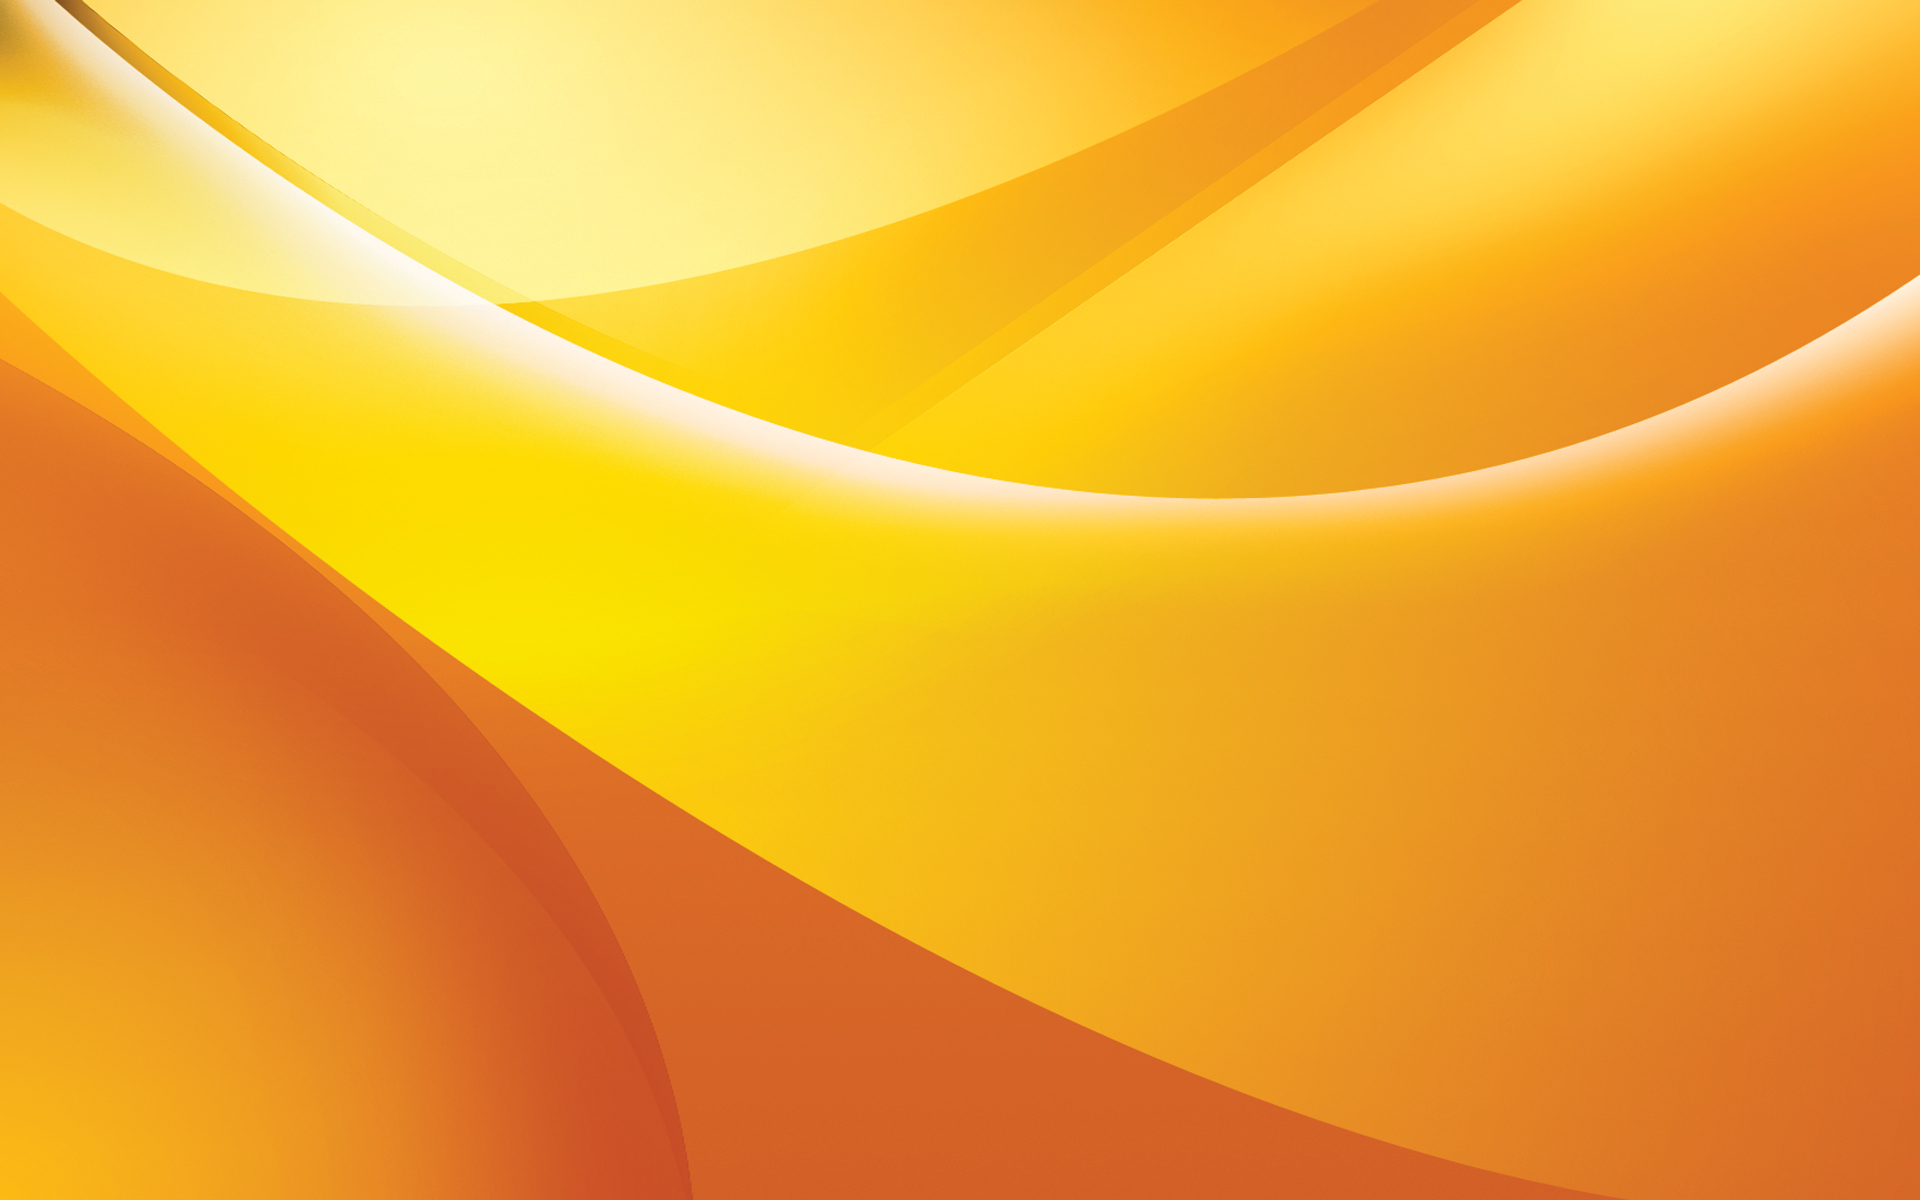 arancia, arancio wallpaper